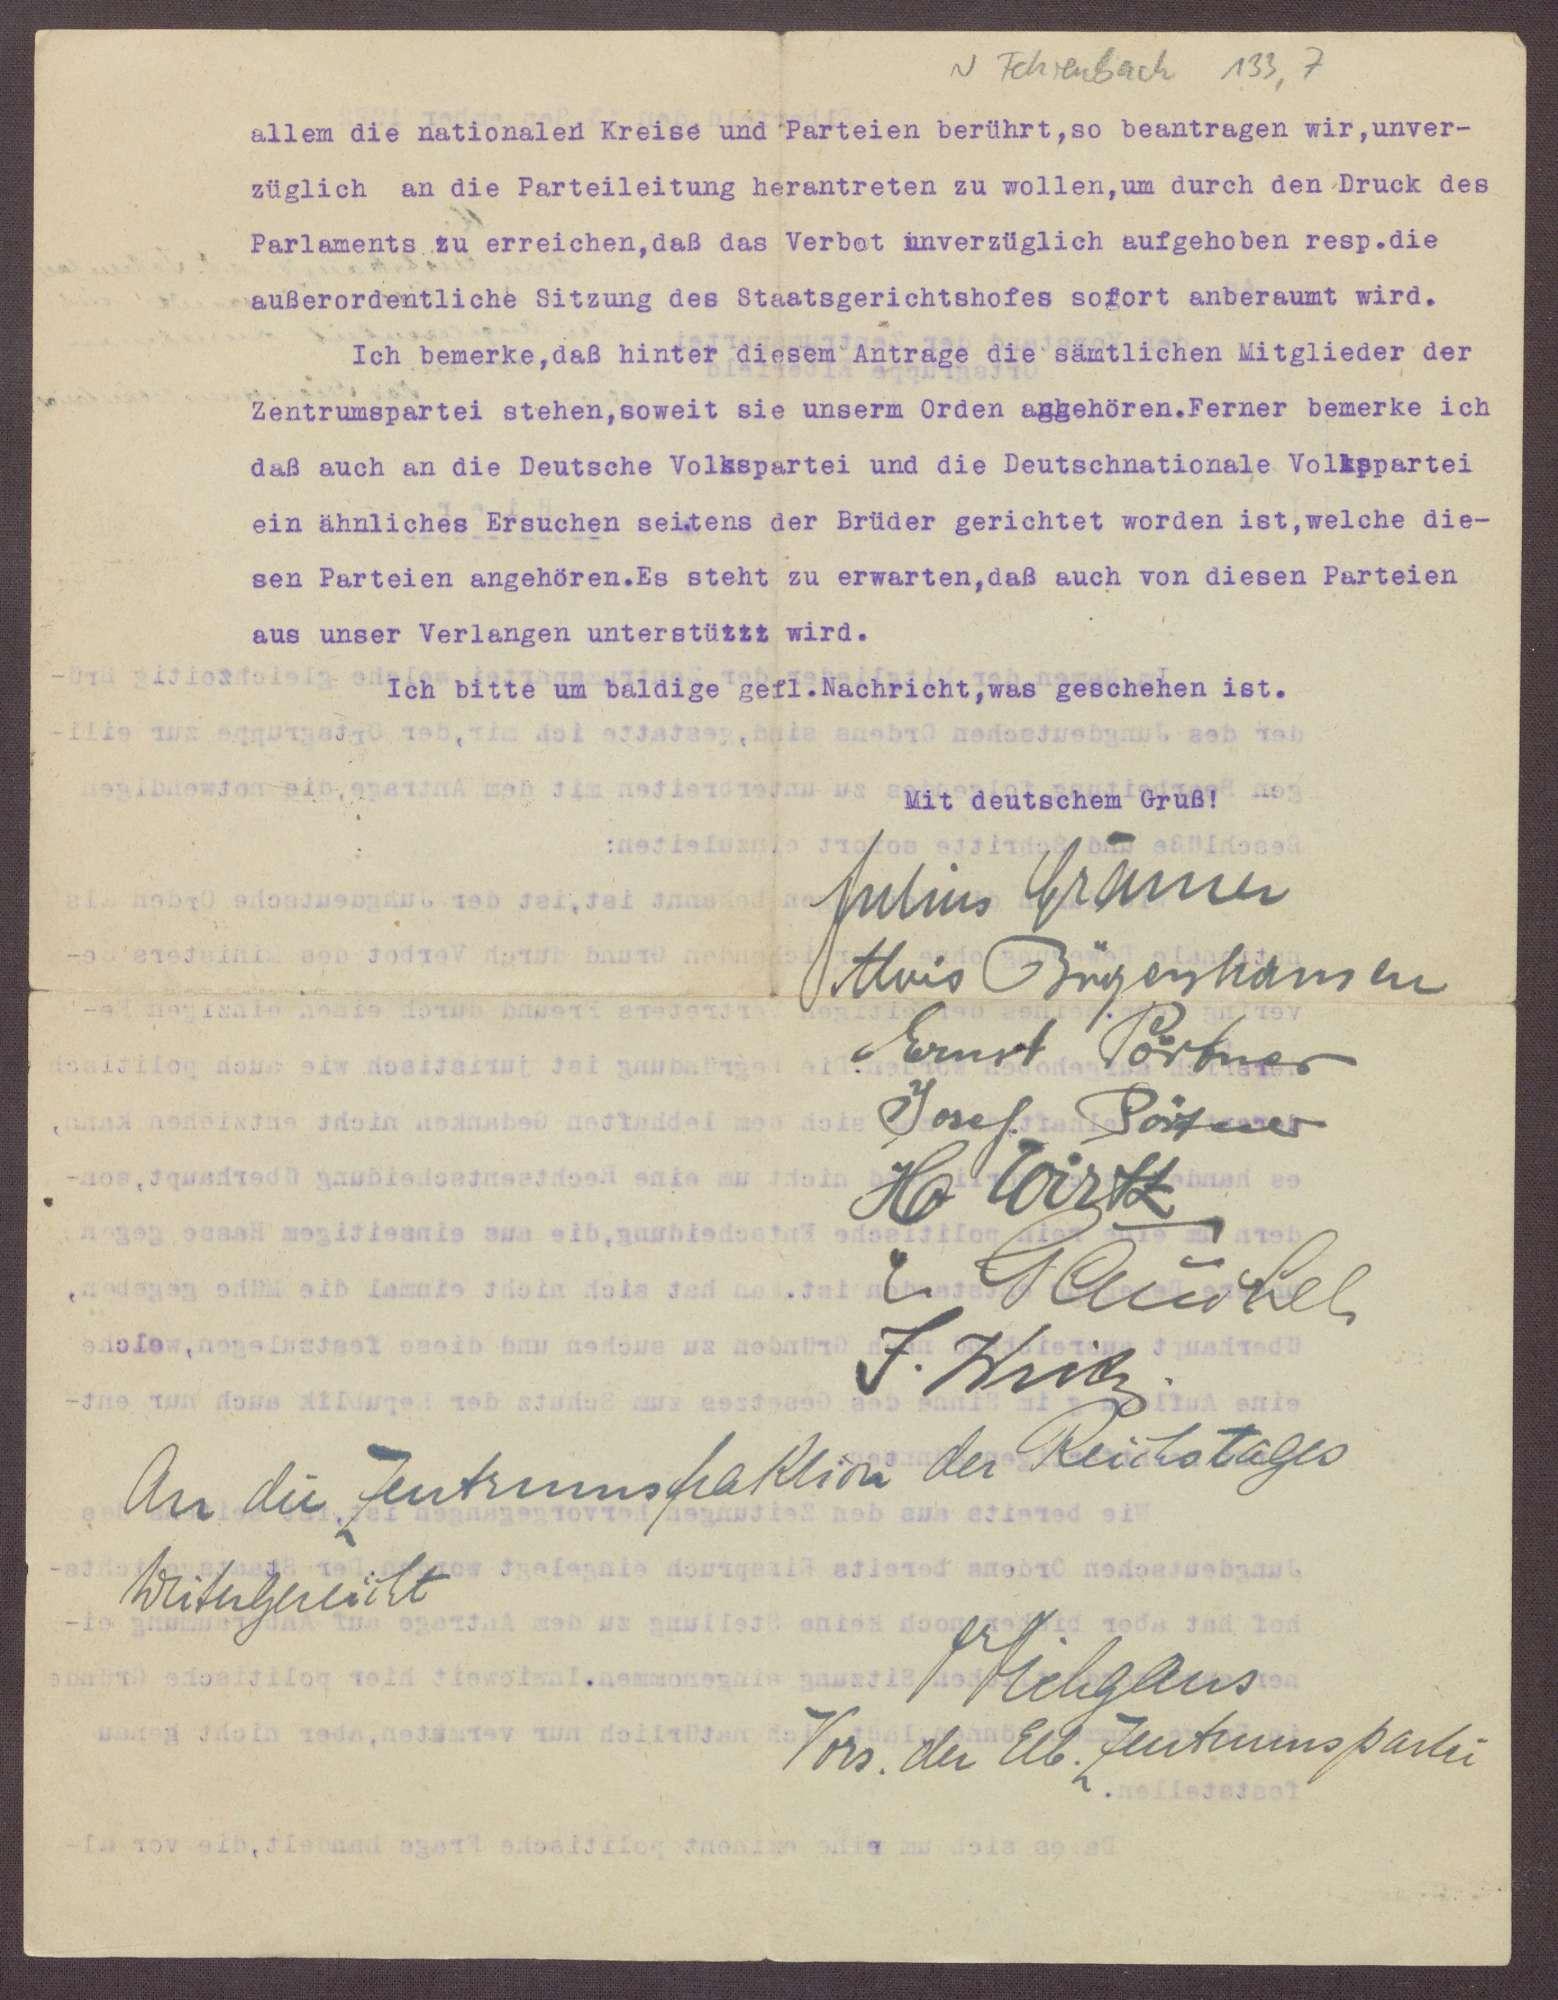 Schreiben des Jungdeutschen Ordens an die Zentrumspartei, Ortsgruppe Elberfeld, Einspruch gegen das Verbot des Jungdeutschen Ordens, Bild 3